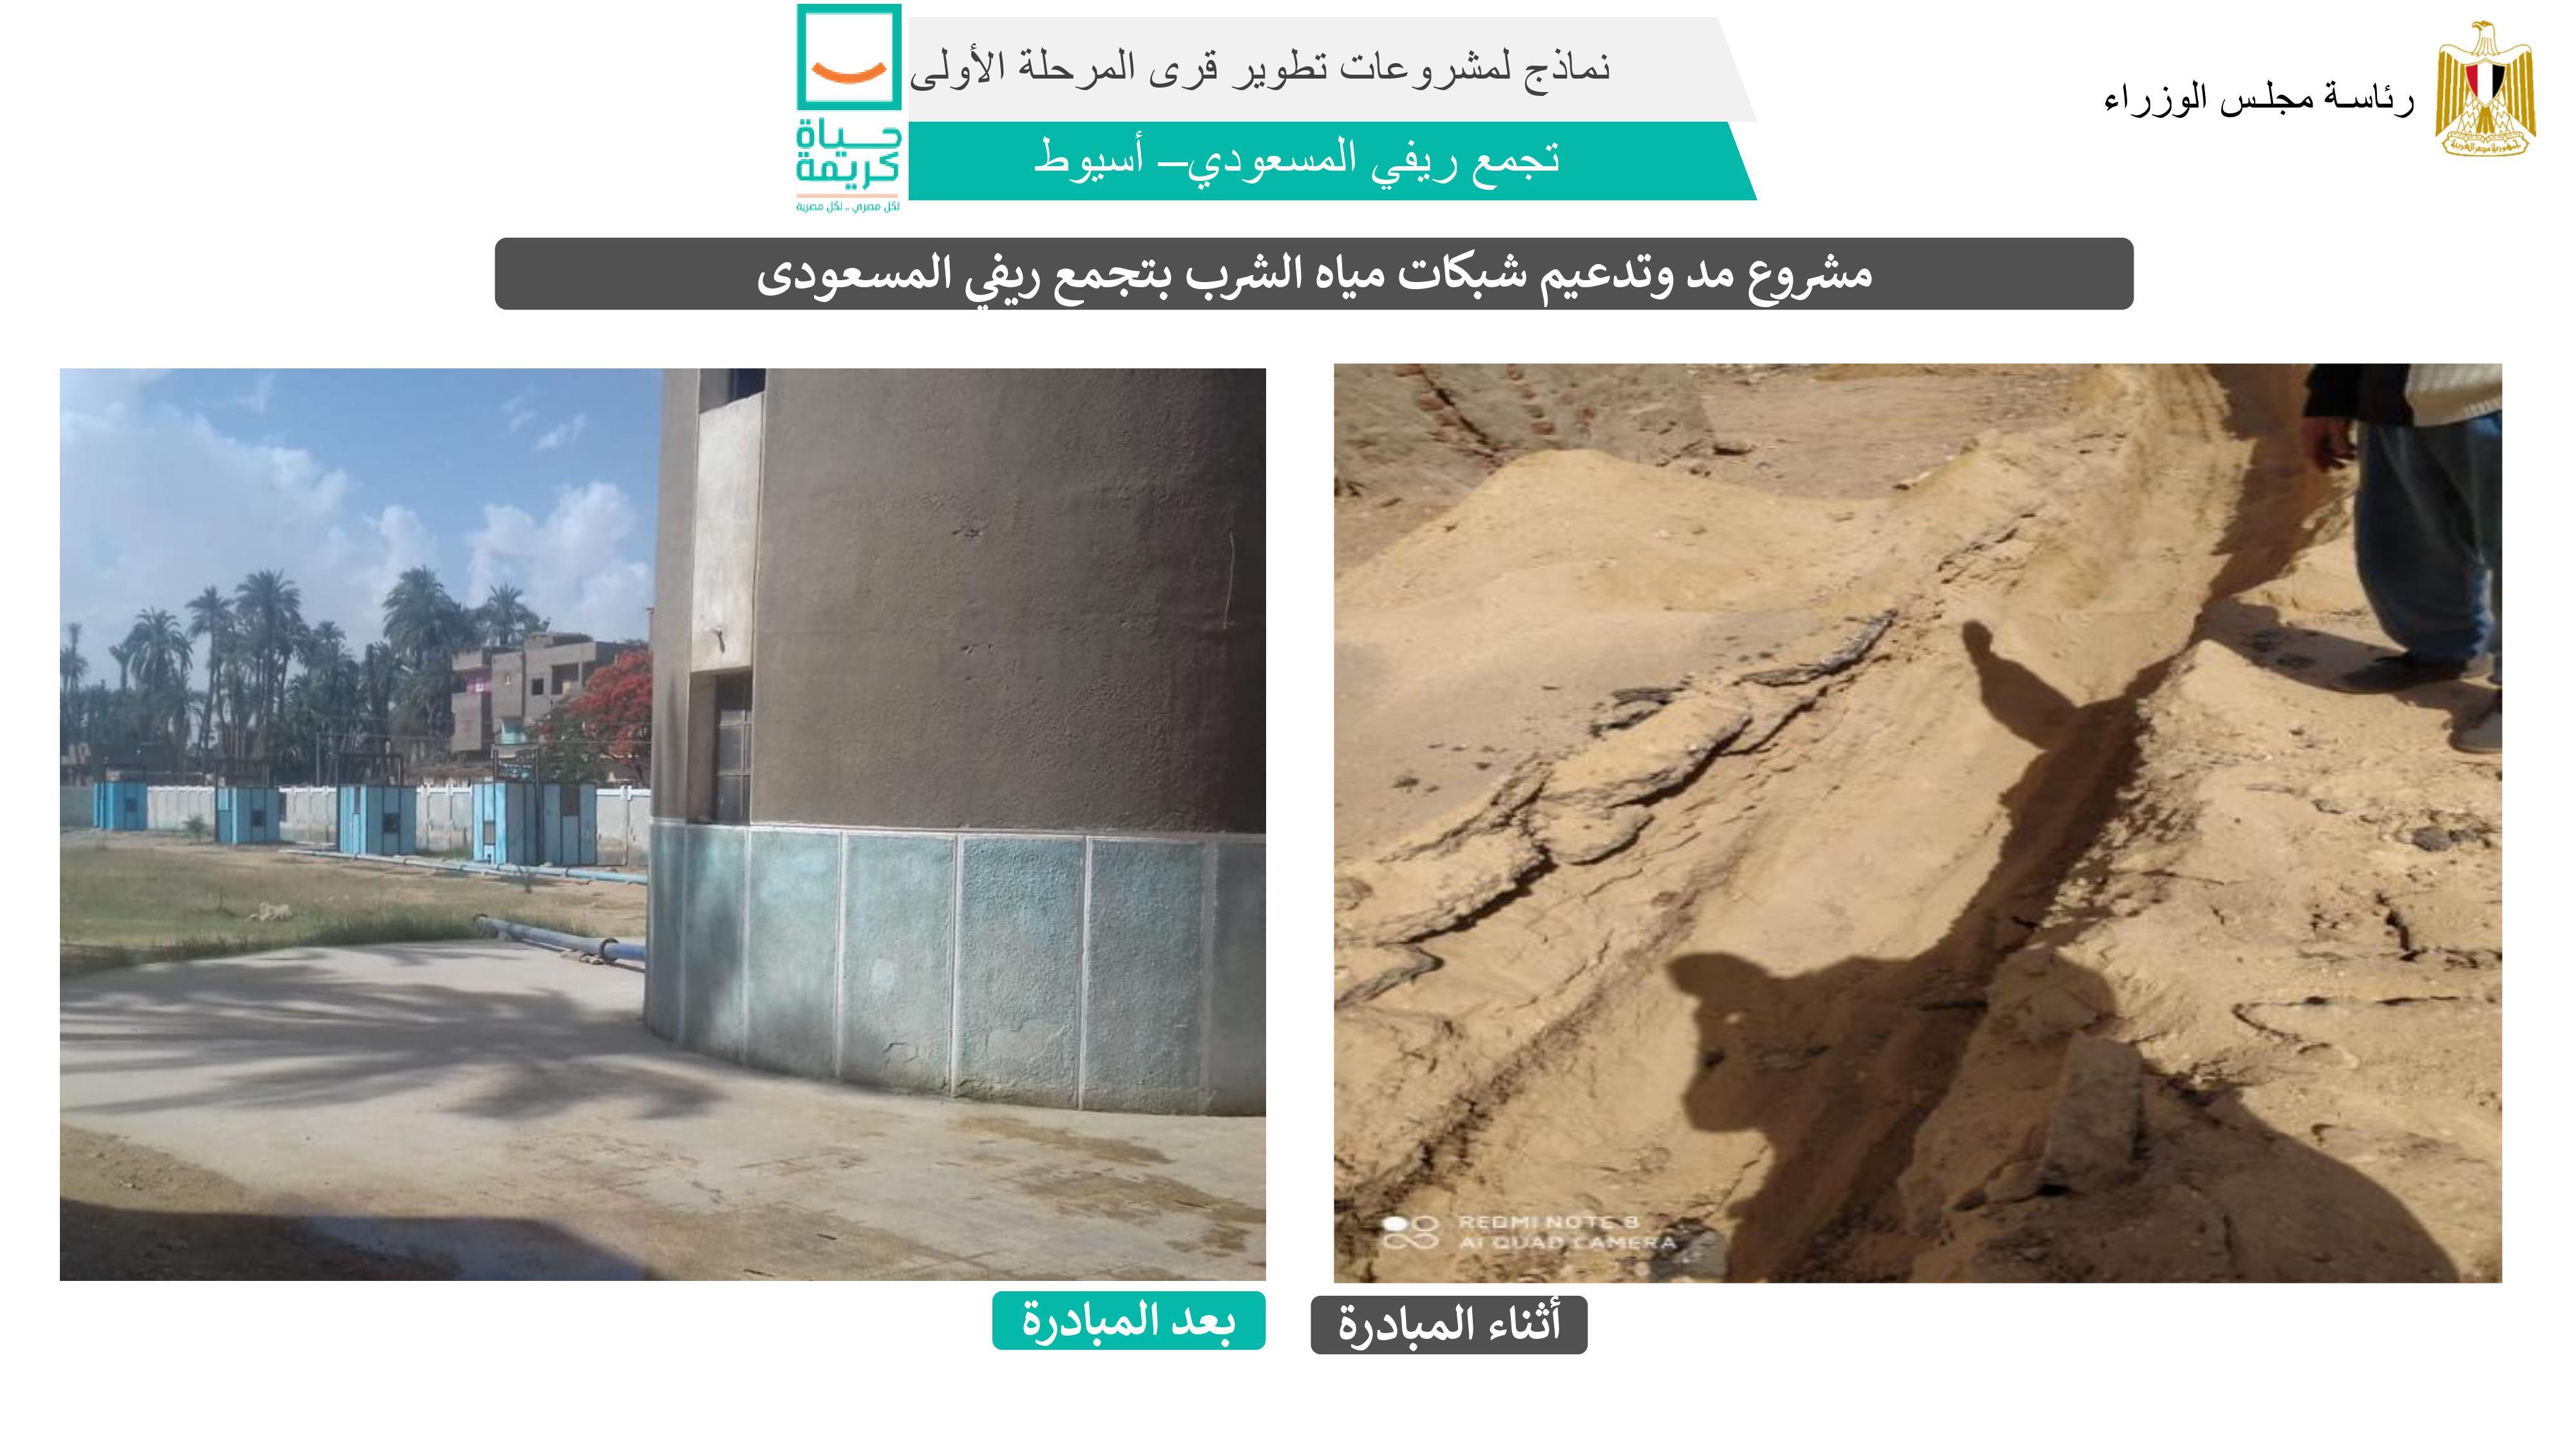 مشروع مد وتدعيم شبكات مياه الشرب بتجمع ريفي المسعودى